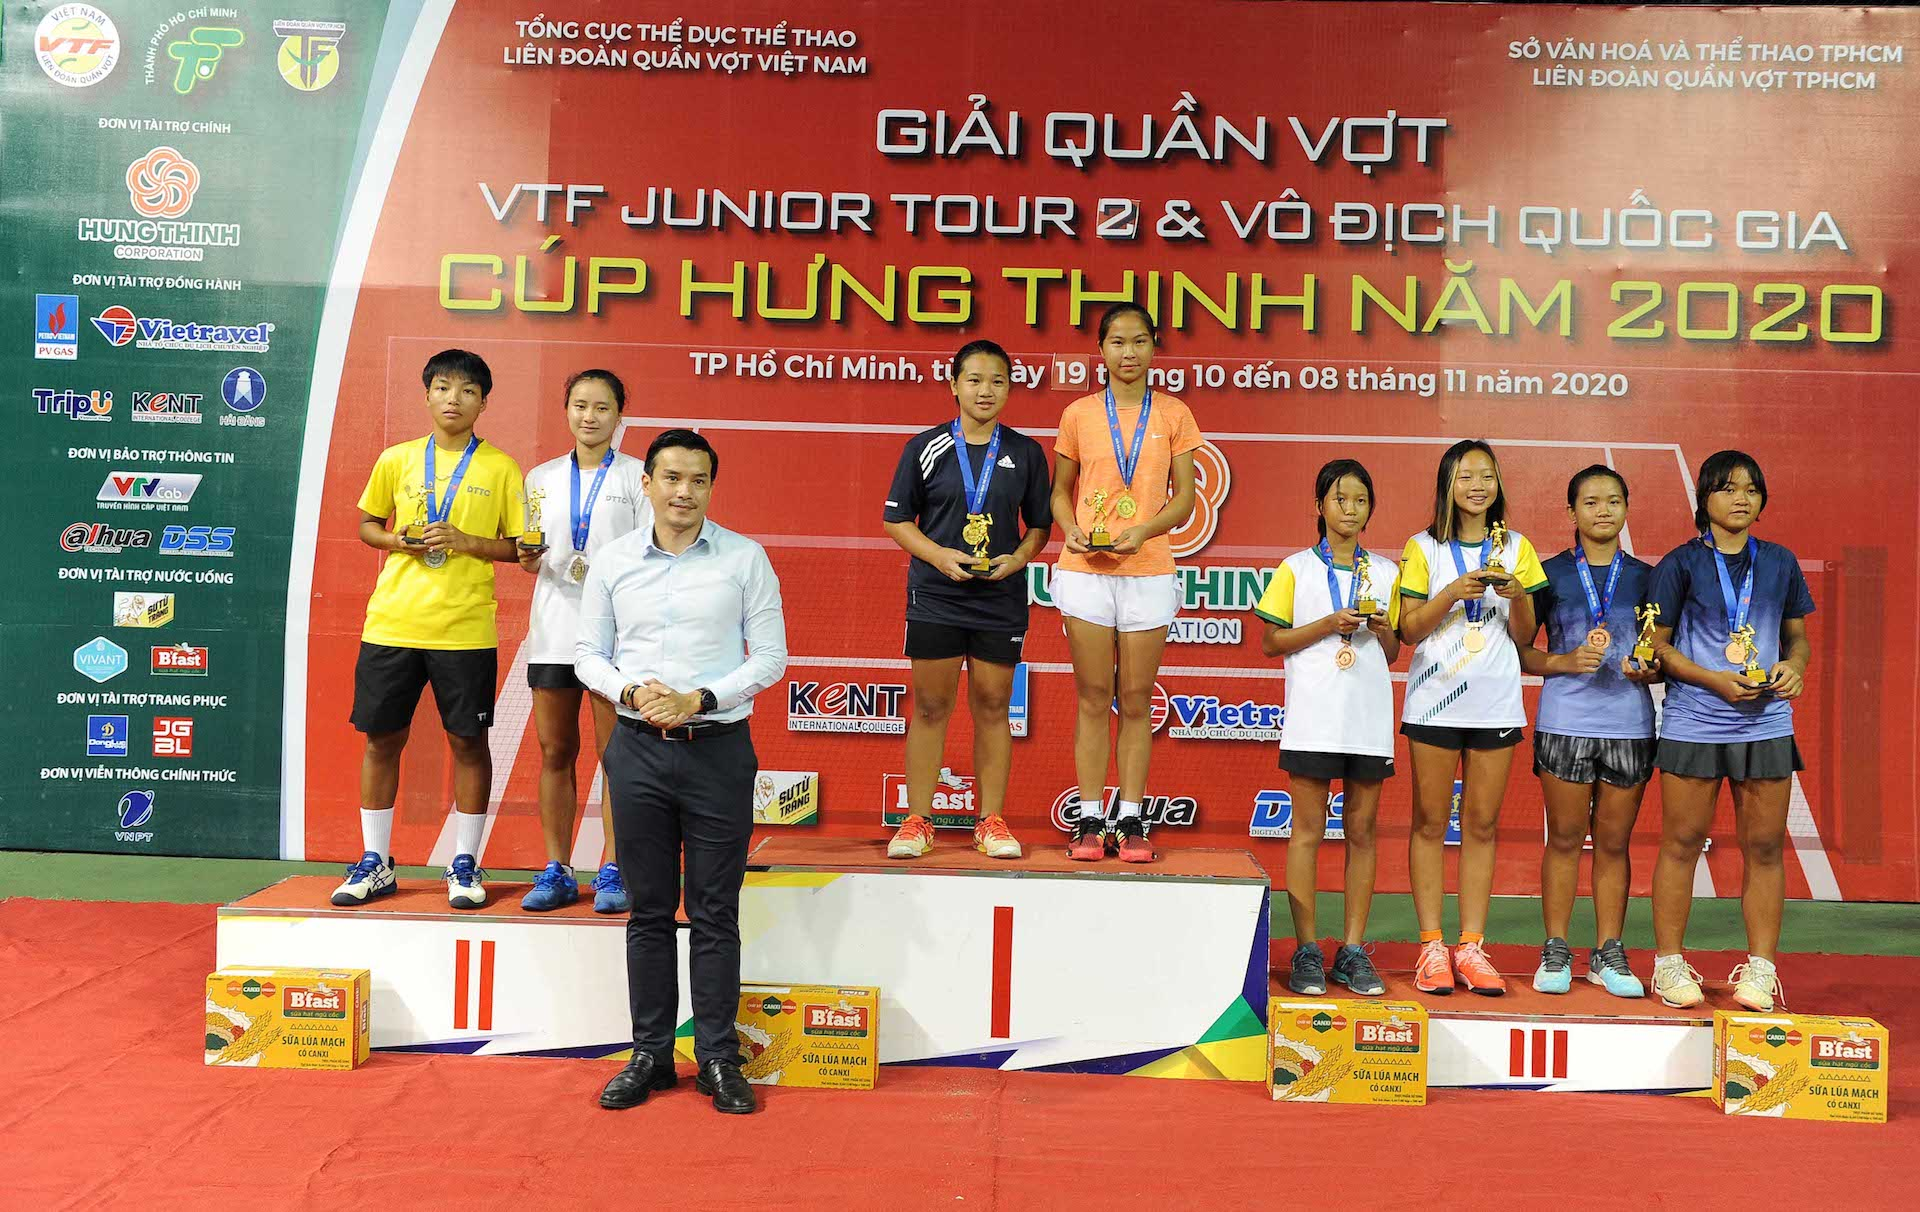 Hình ảnh: VTF Junior Tour 2 – Hung Thinh Cup 2020: Ngày vui của Chủ nhà số 5